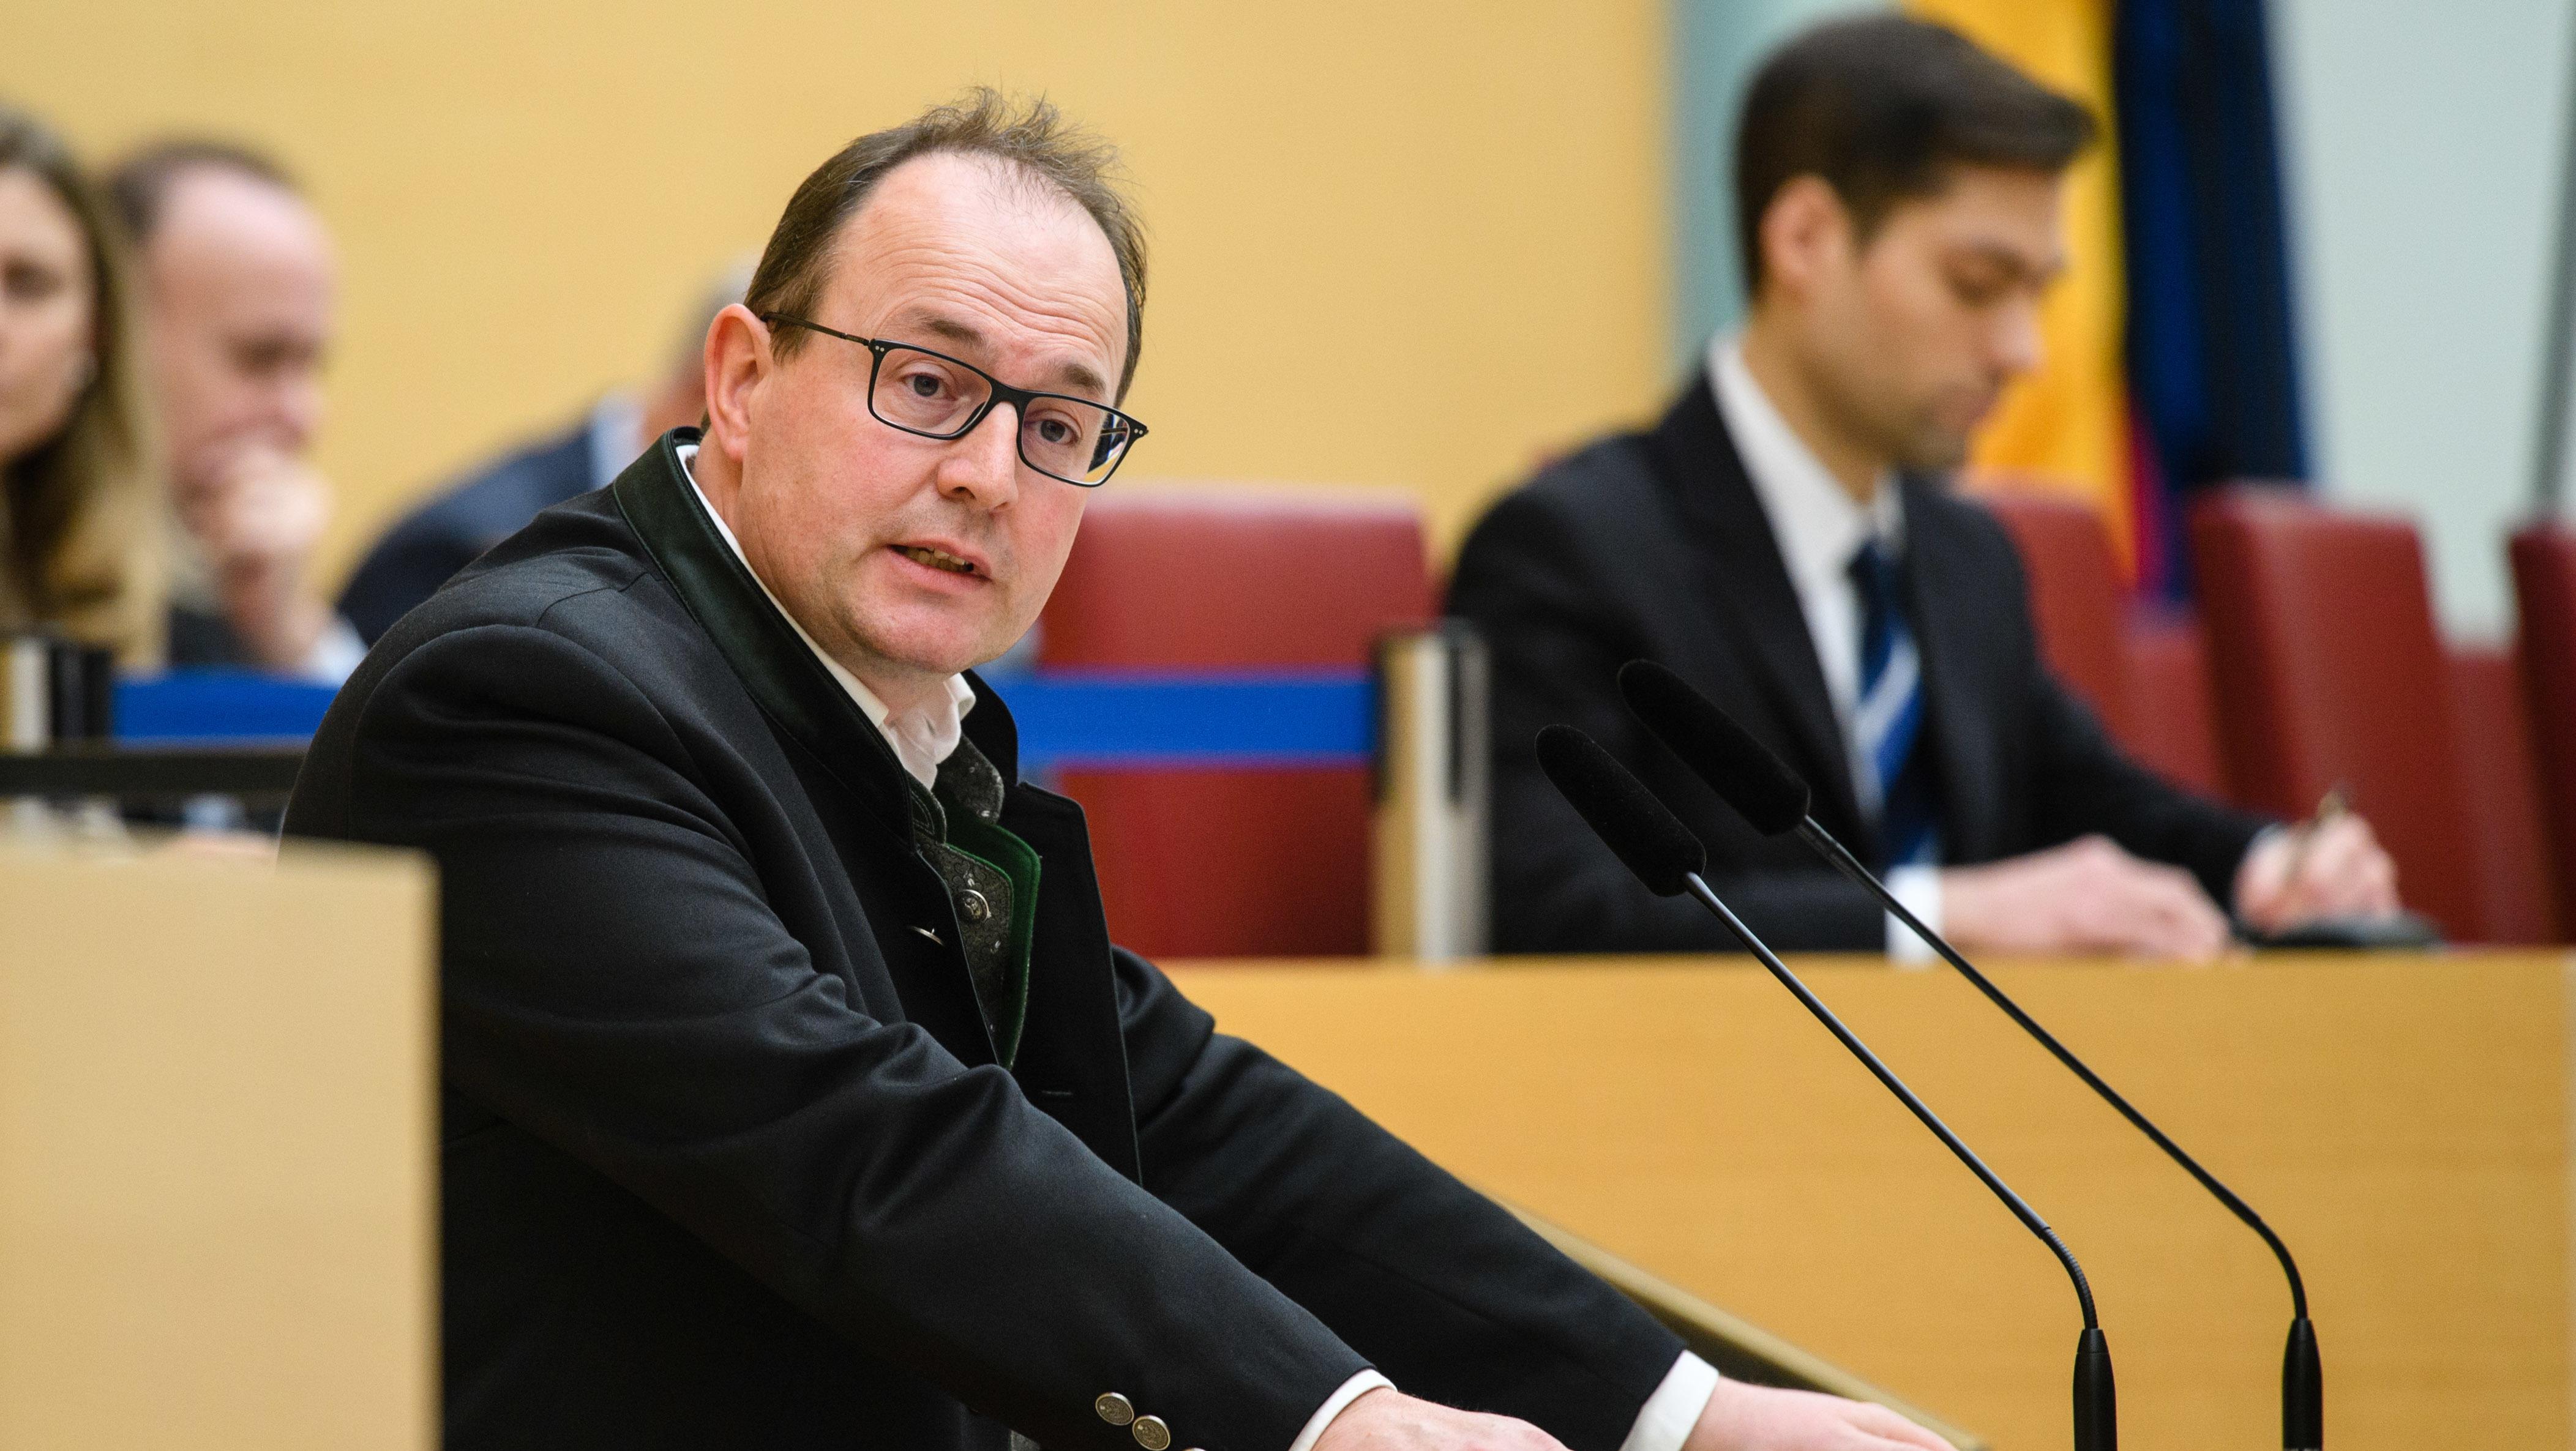 Fraktionschef Markus Plenk (Alternative für Deutschland) im Landtag